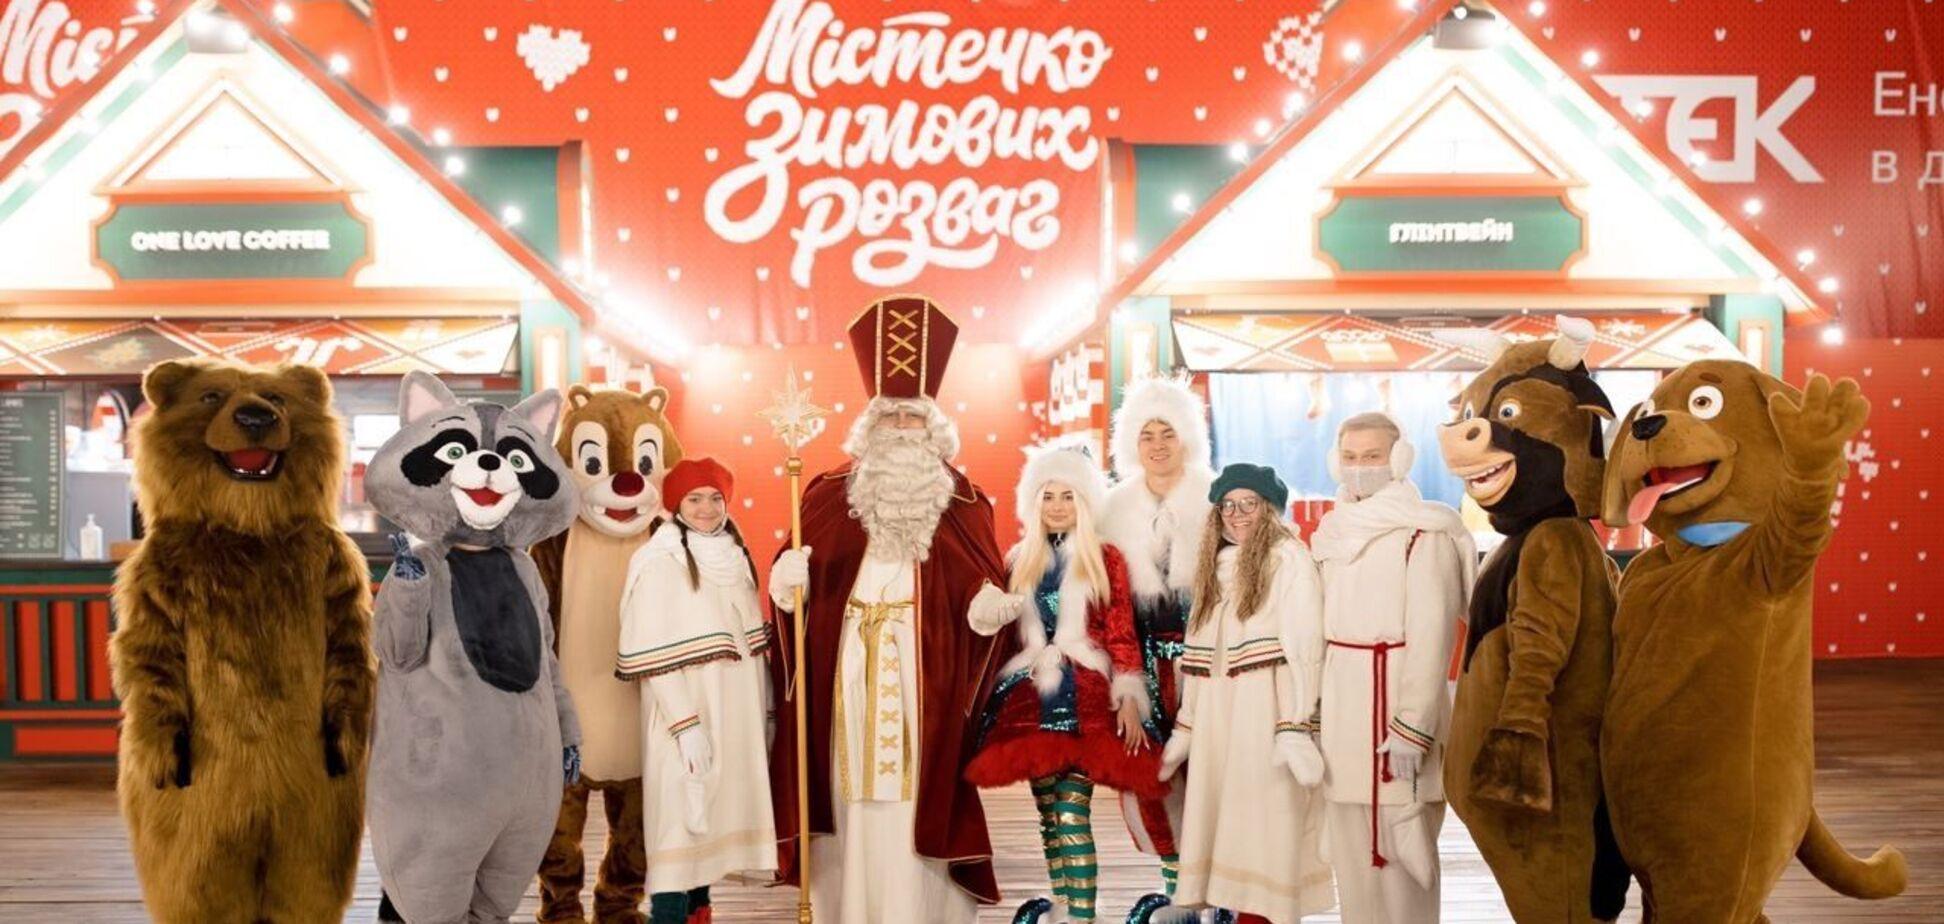 'Містечко зимових розваг': ДТЕК і Палац 'Україна' дарують новорічну казку